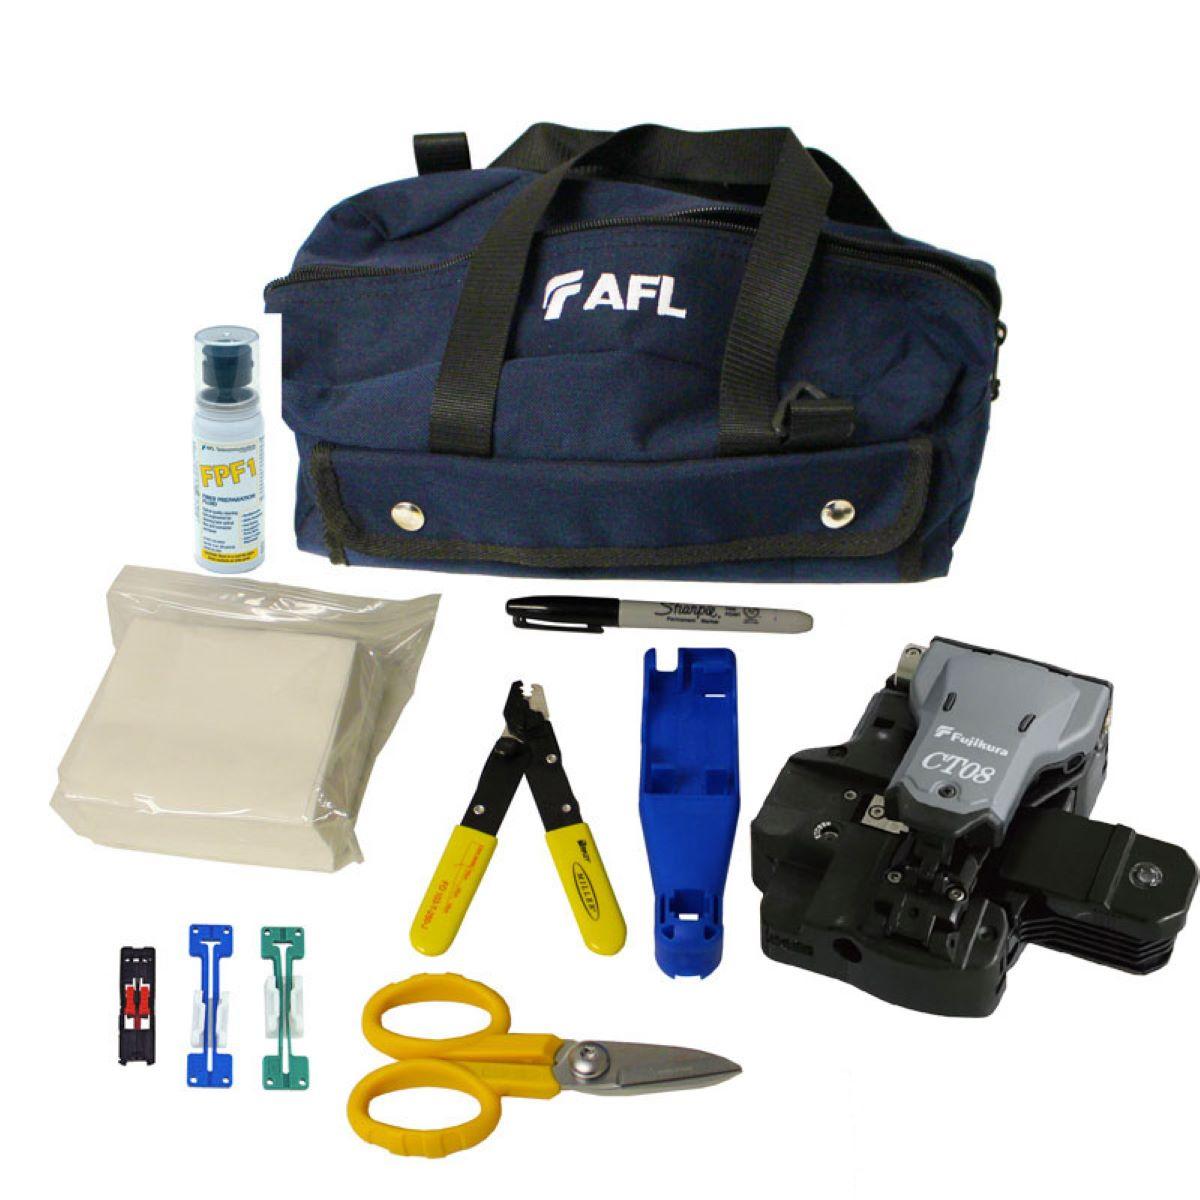 kit de herramientas AFL FASTConnect CS001201 empalme mecanico